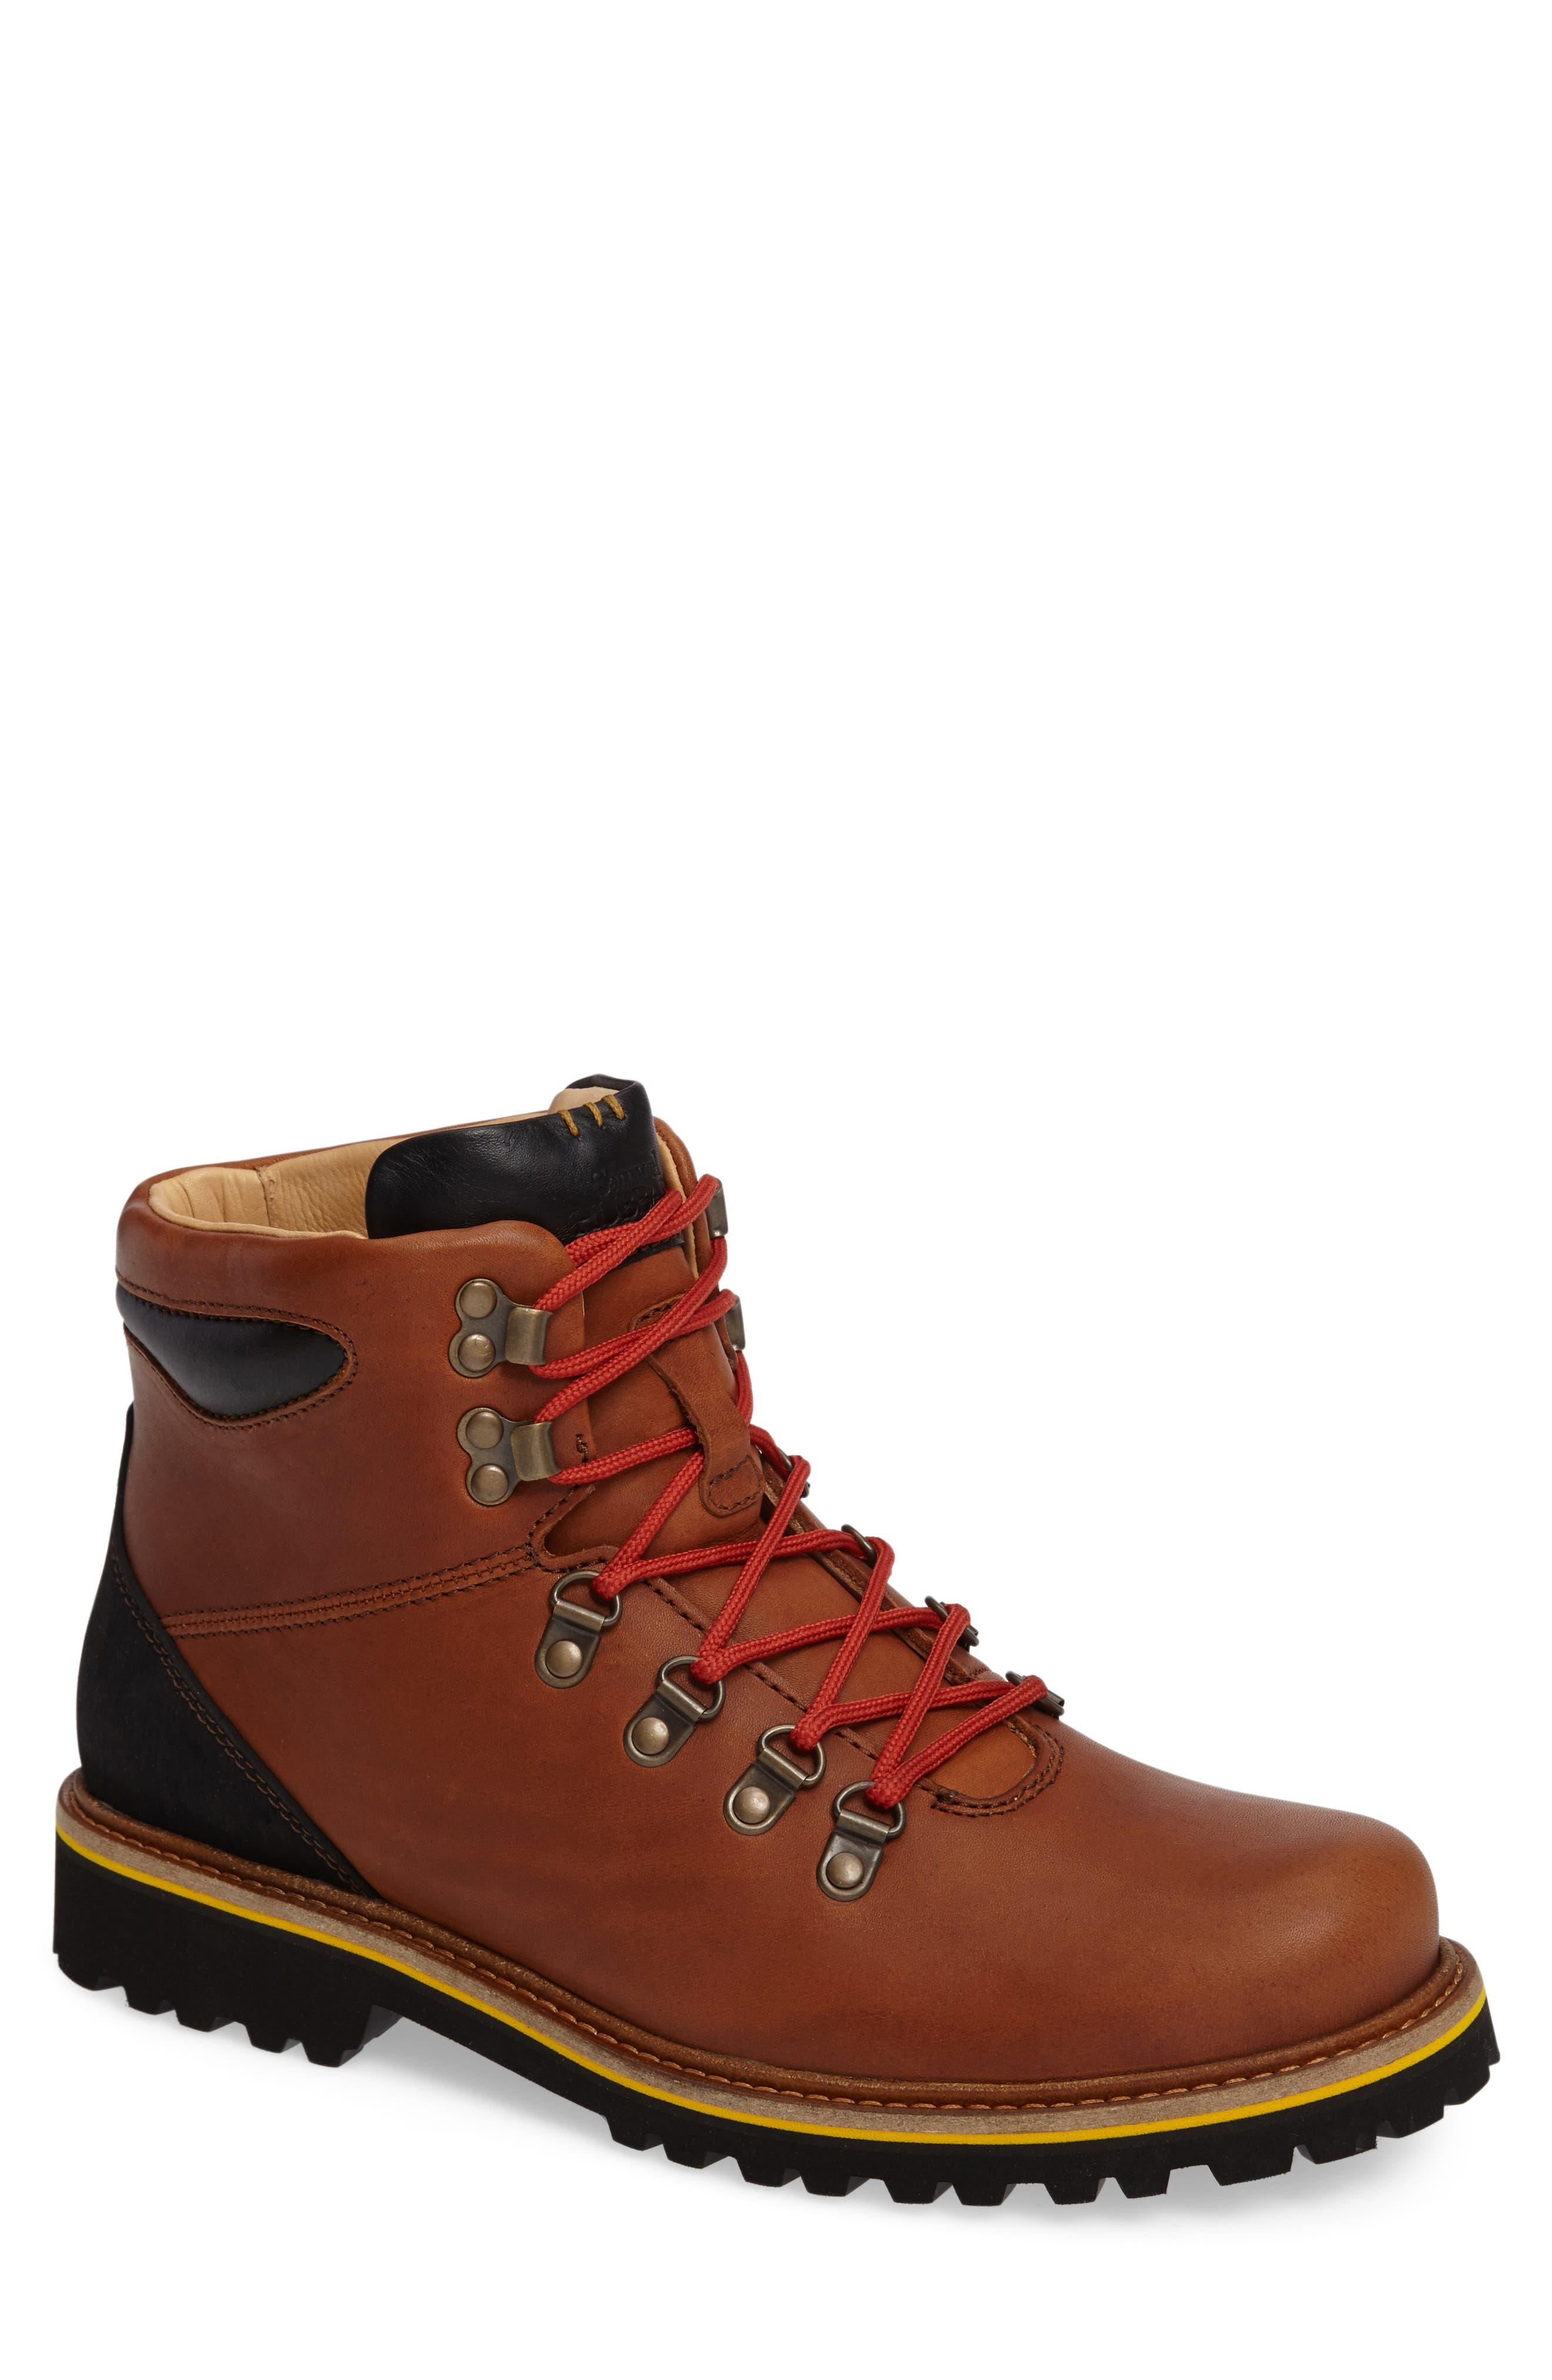 6b68b47d6a6 Men's Samuel Hubbard Boots